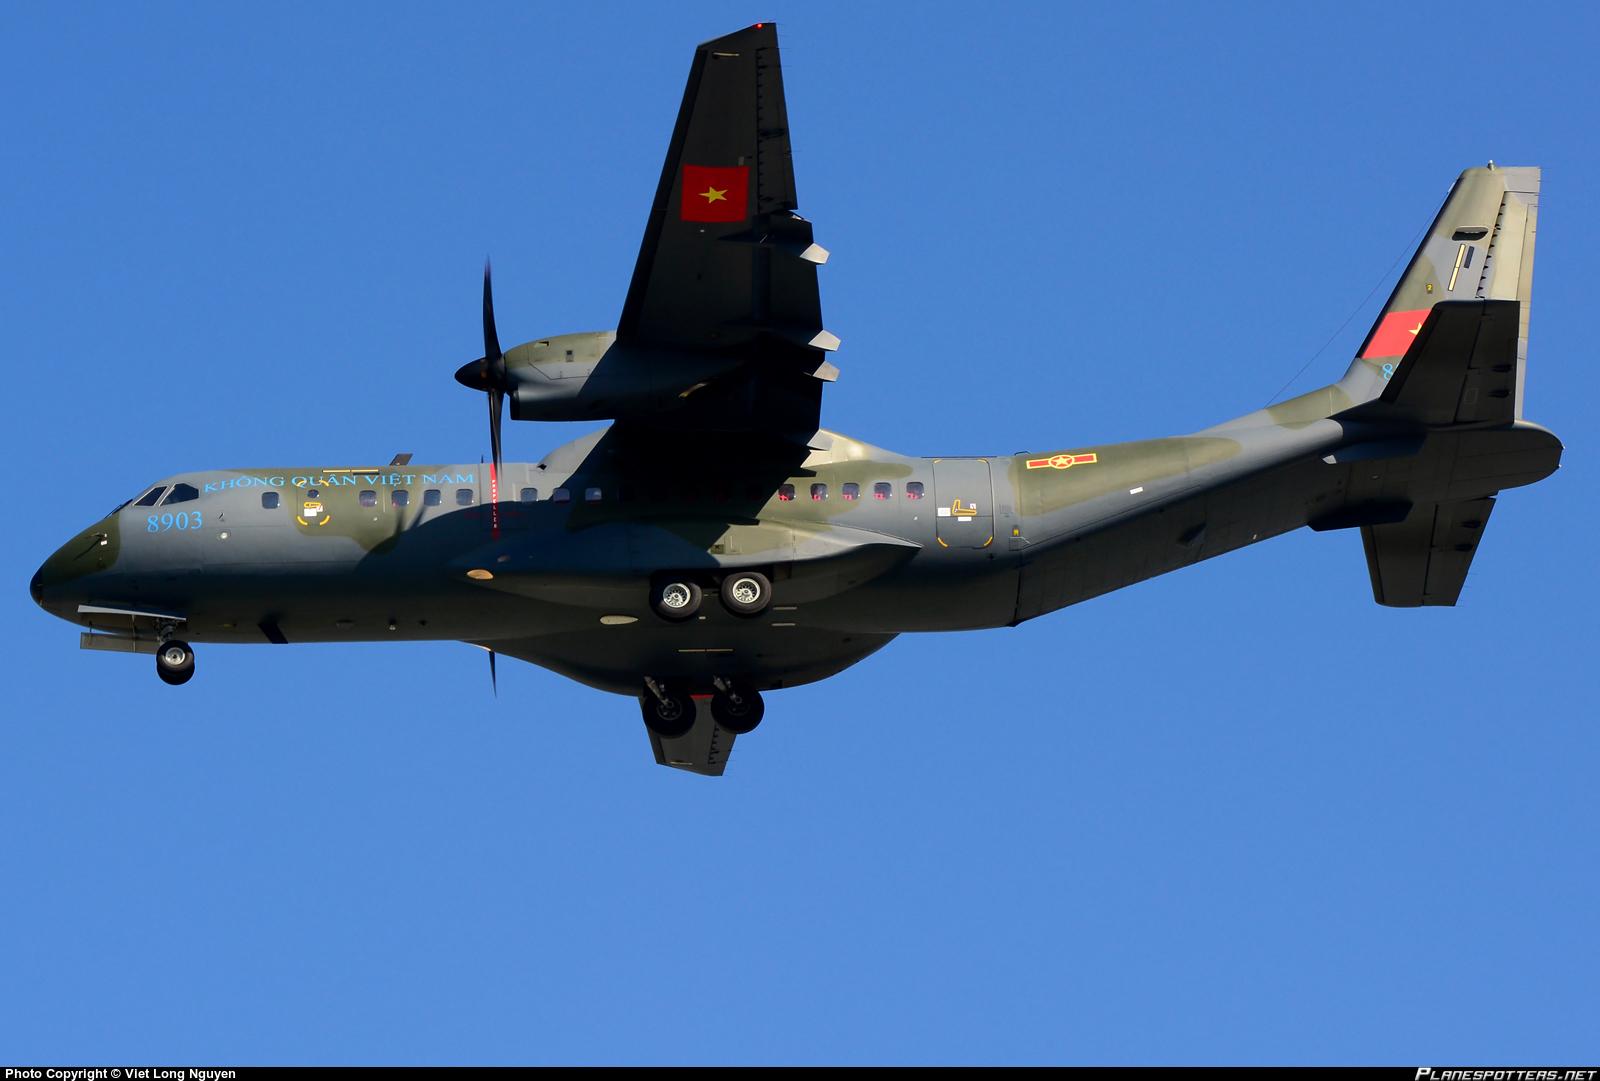 8903-vietnam-peoples-air-force-viet-nam-casa-c-295m_PlanespottersNet_657853